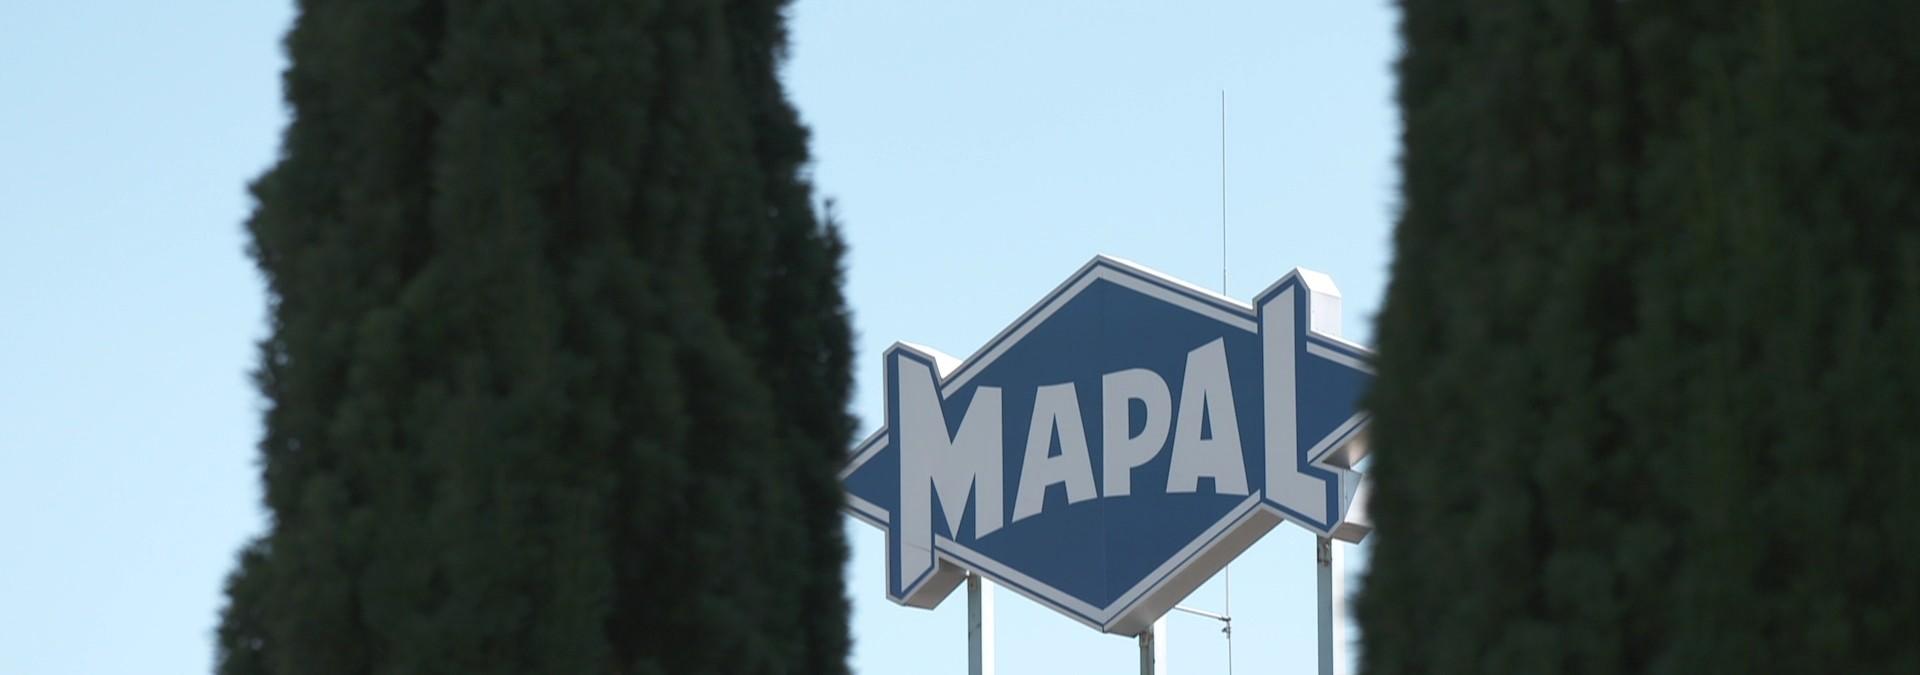 MAPAL in Aalen: 320 Stellen müssen abgebaut werden